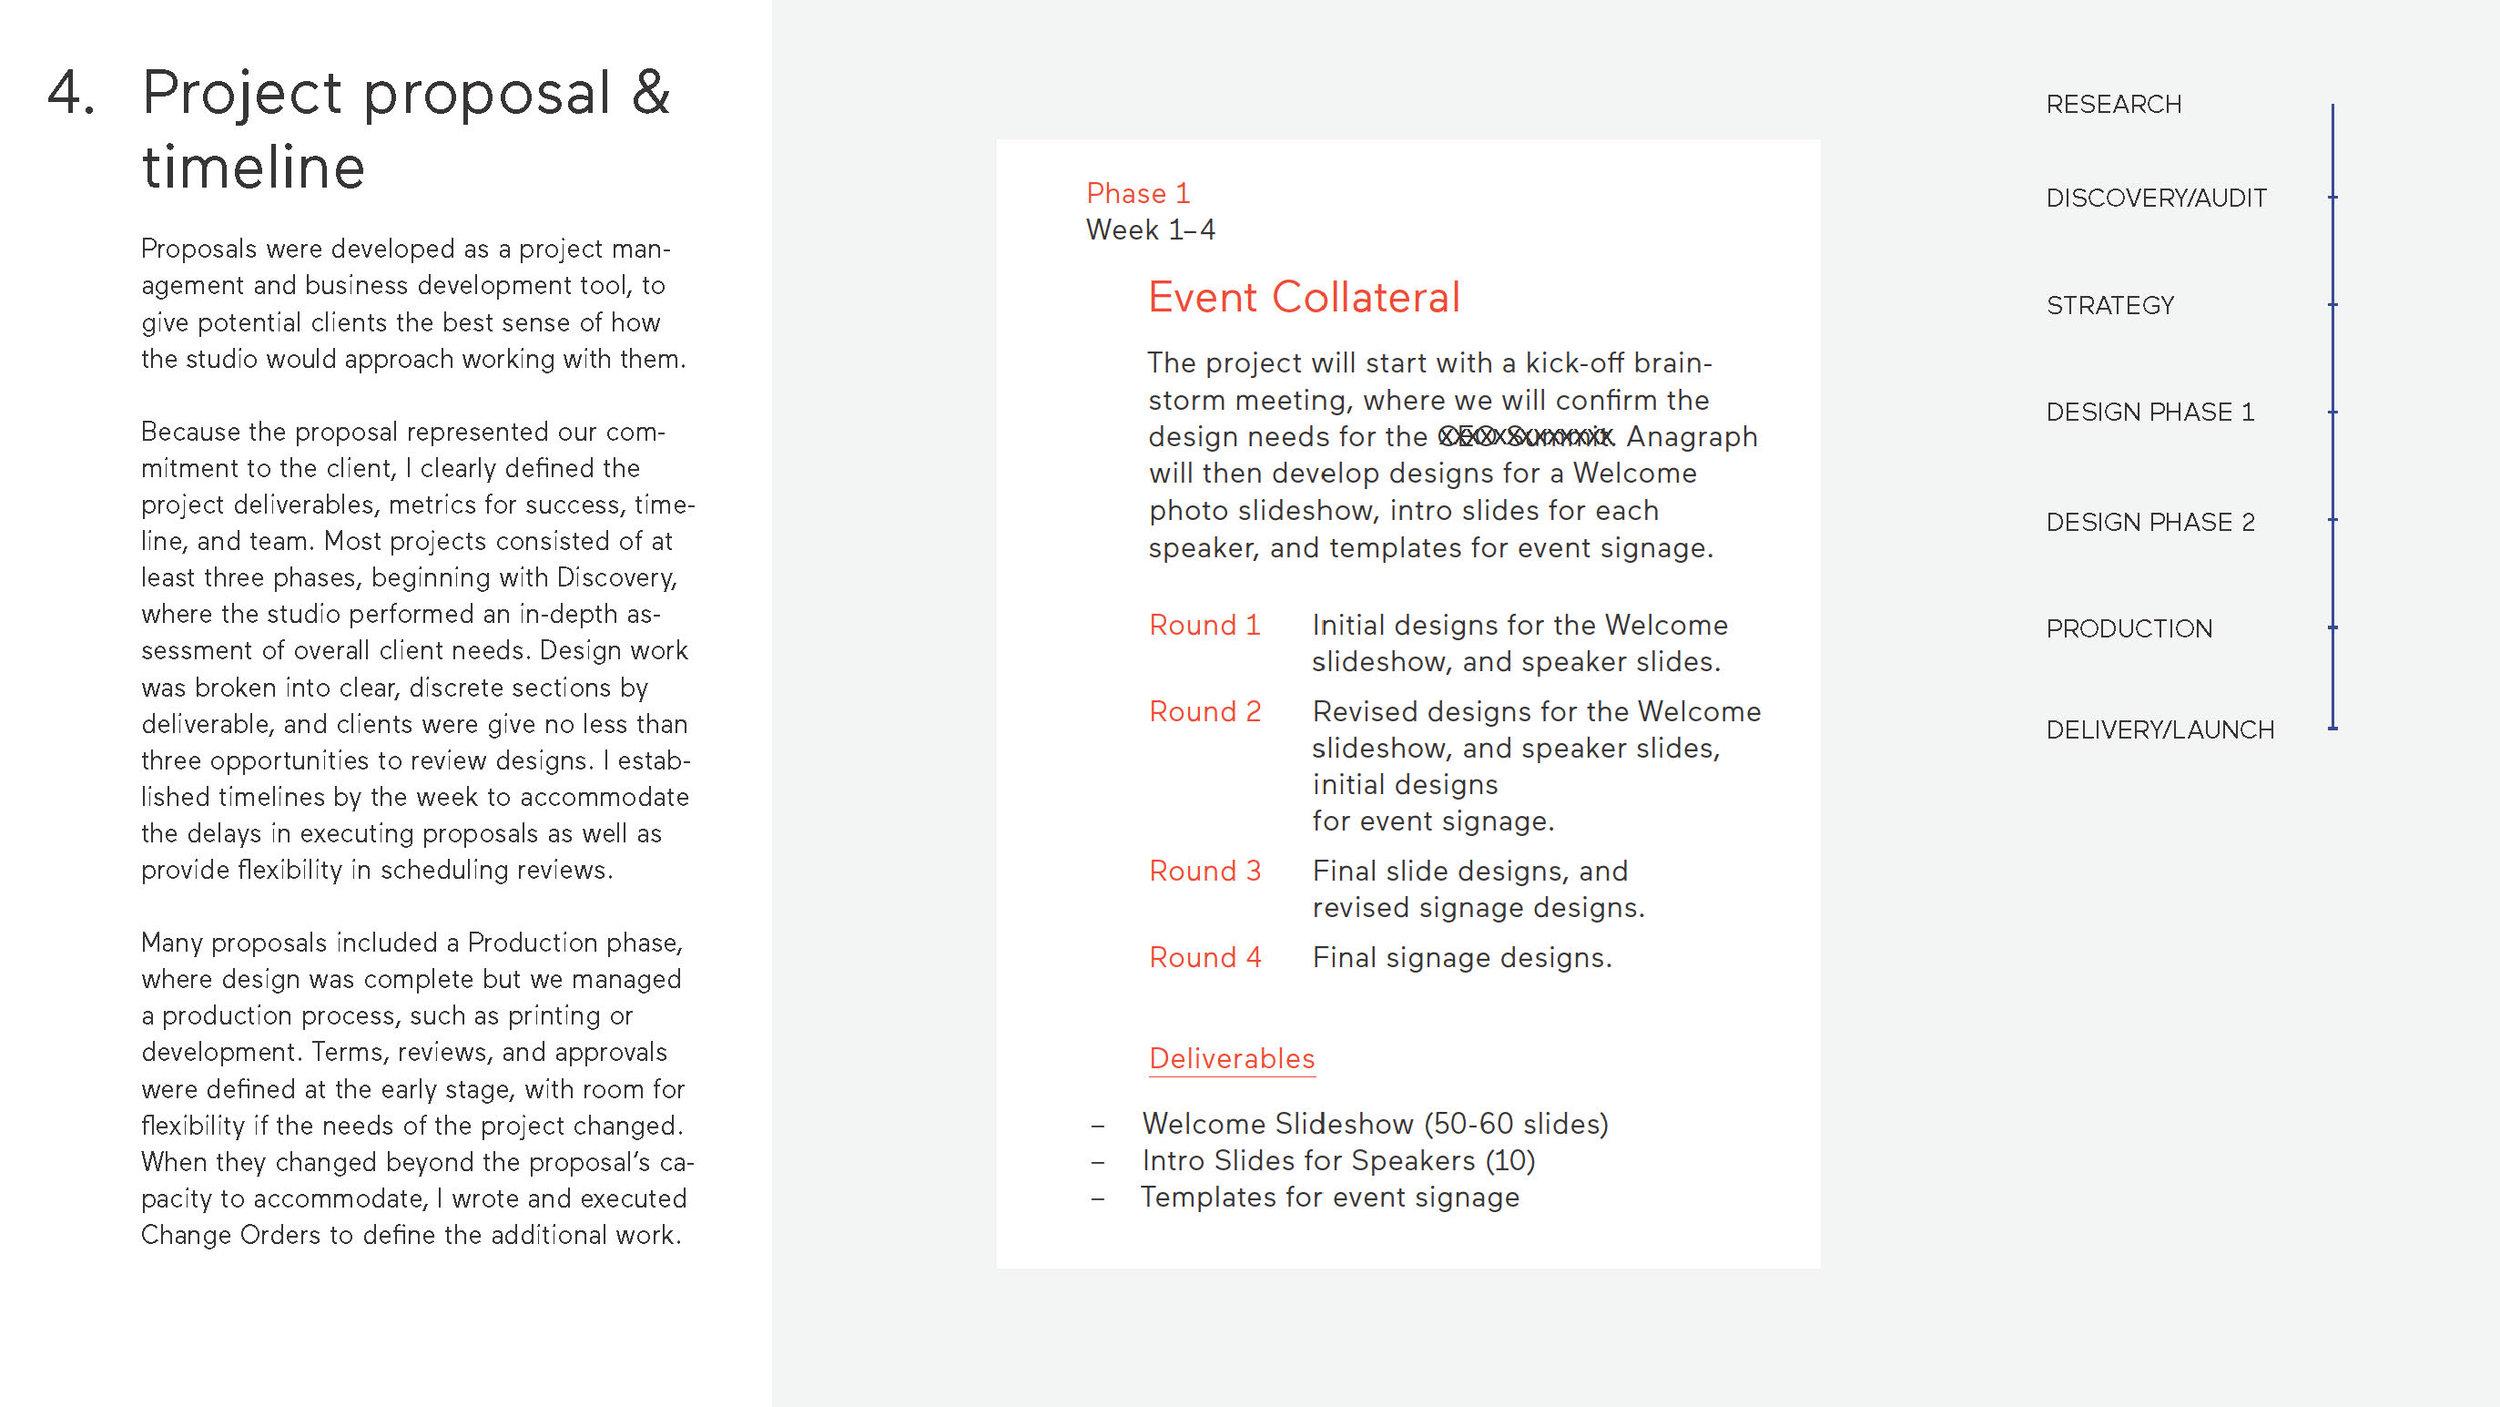 Gepner_portfolioDP_Page_5.jpg